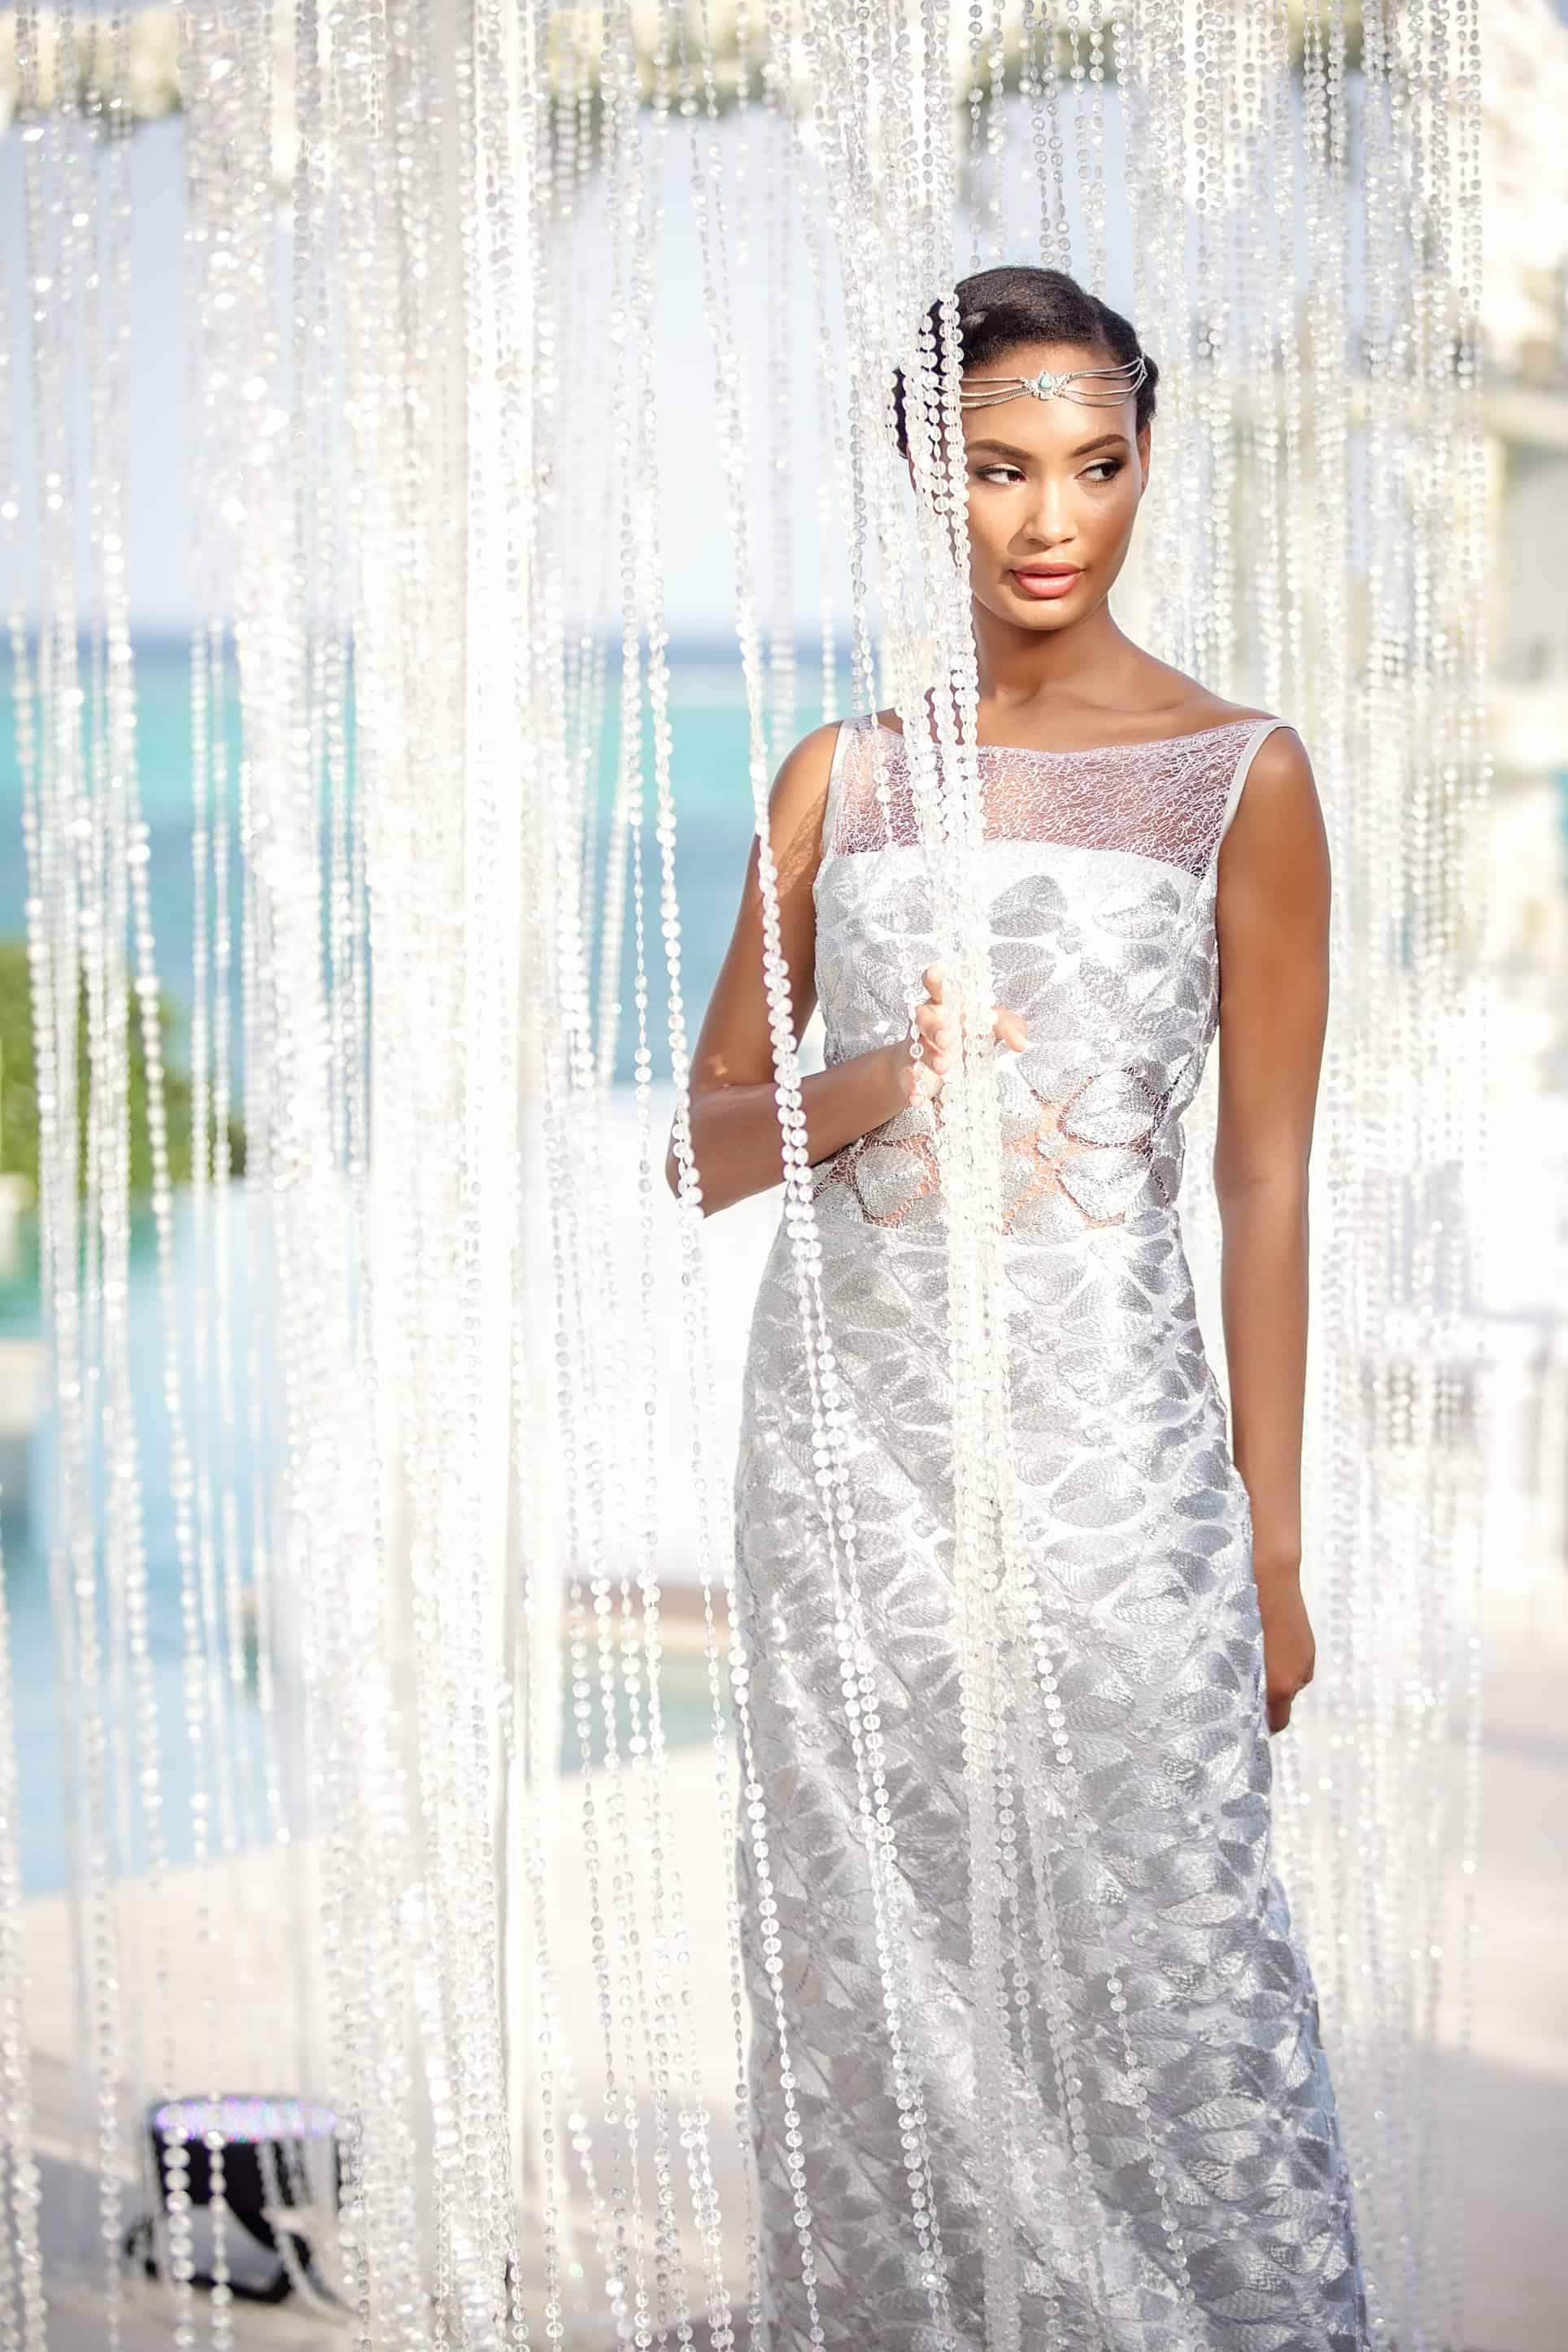 Moden Alyssa, Fashion by Isy B Designs